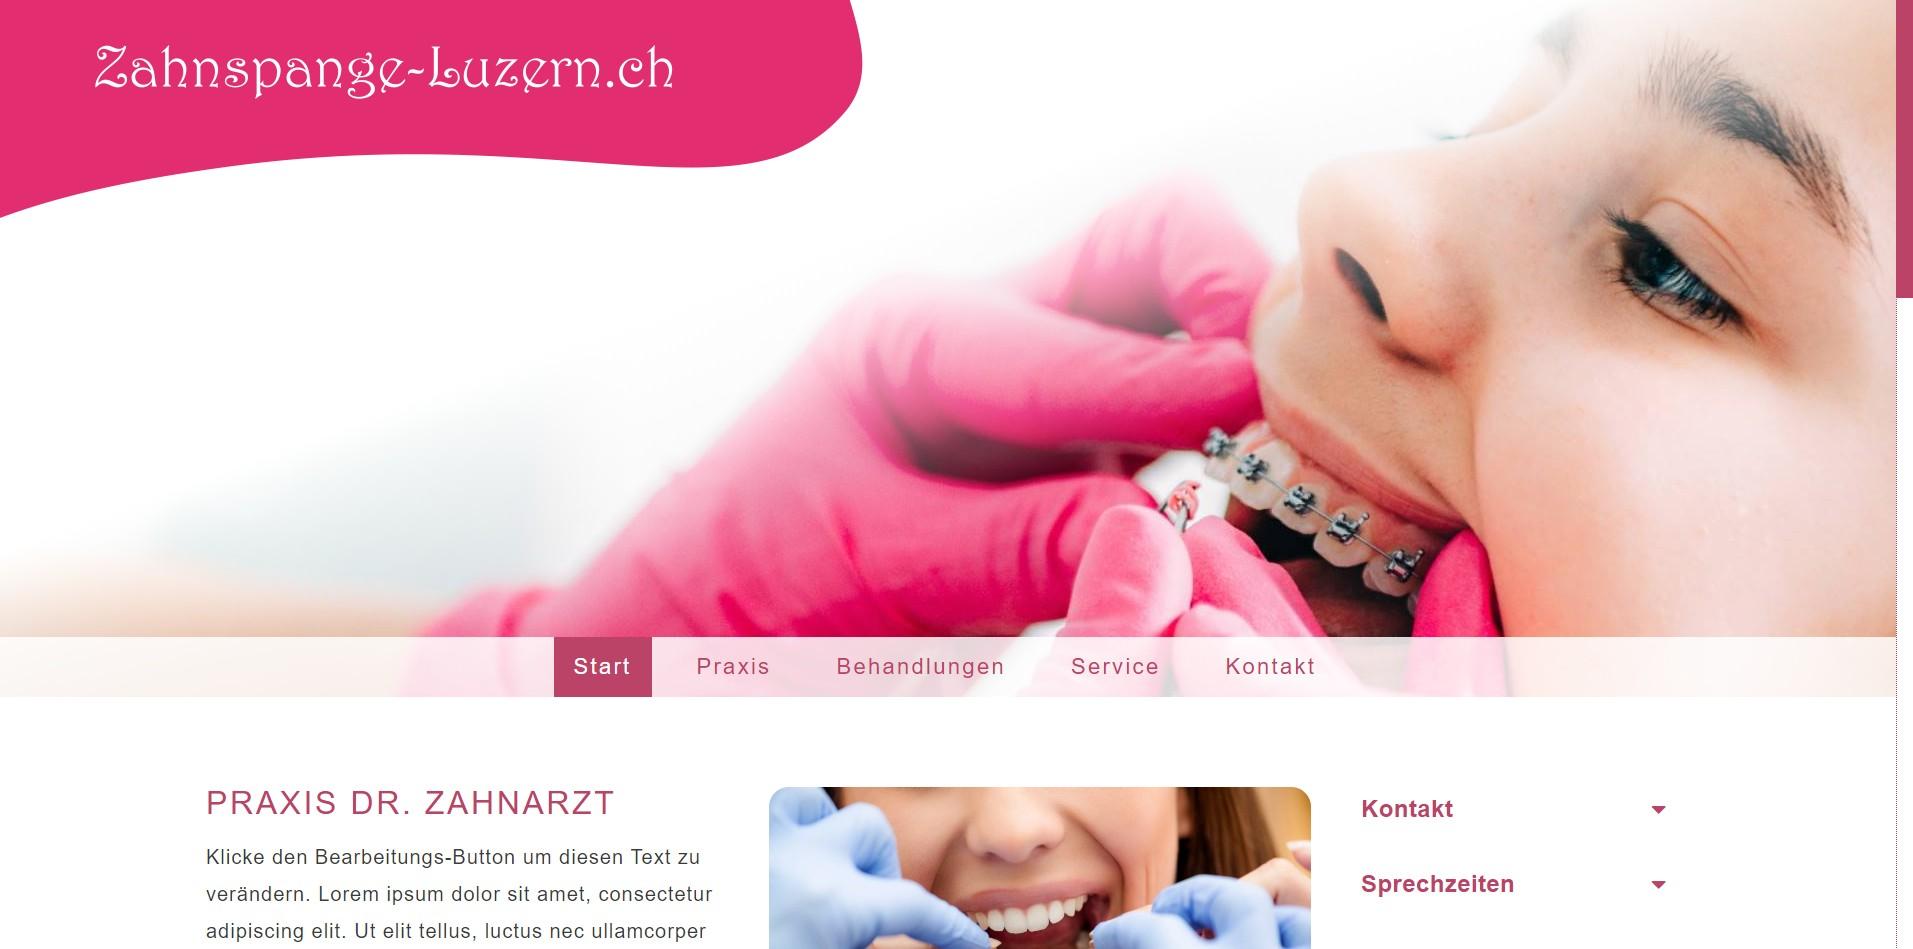 Zahnspange-Luzern.ch